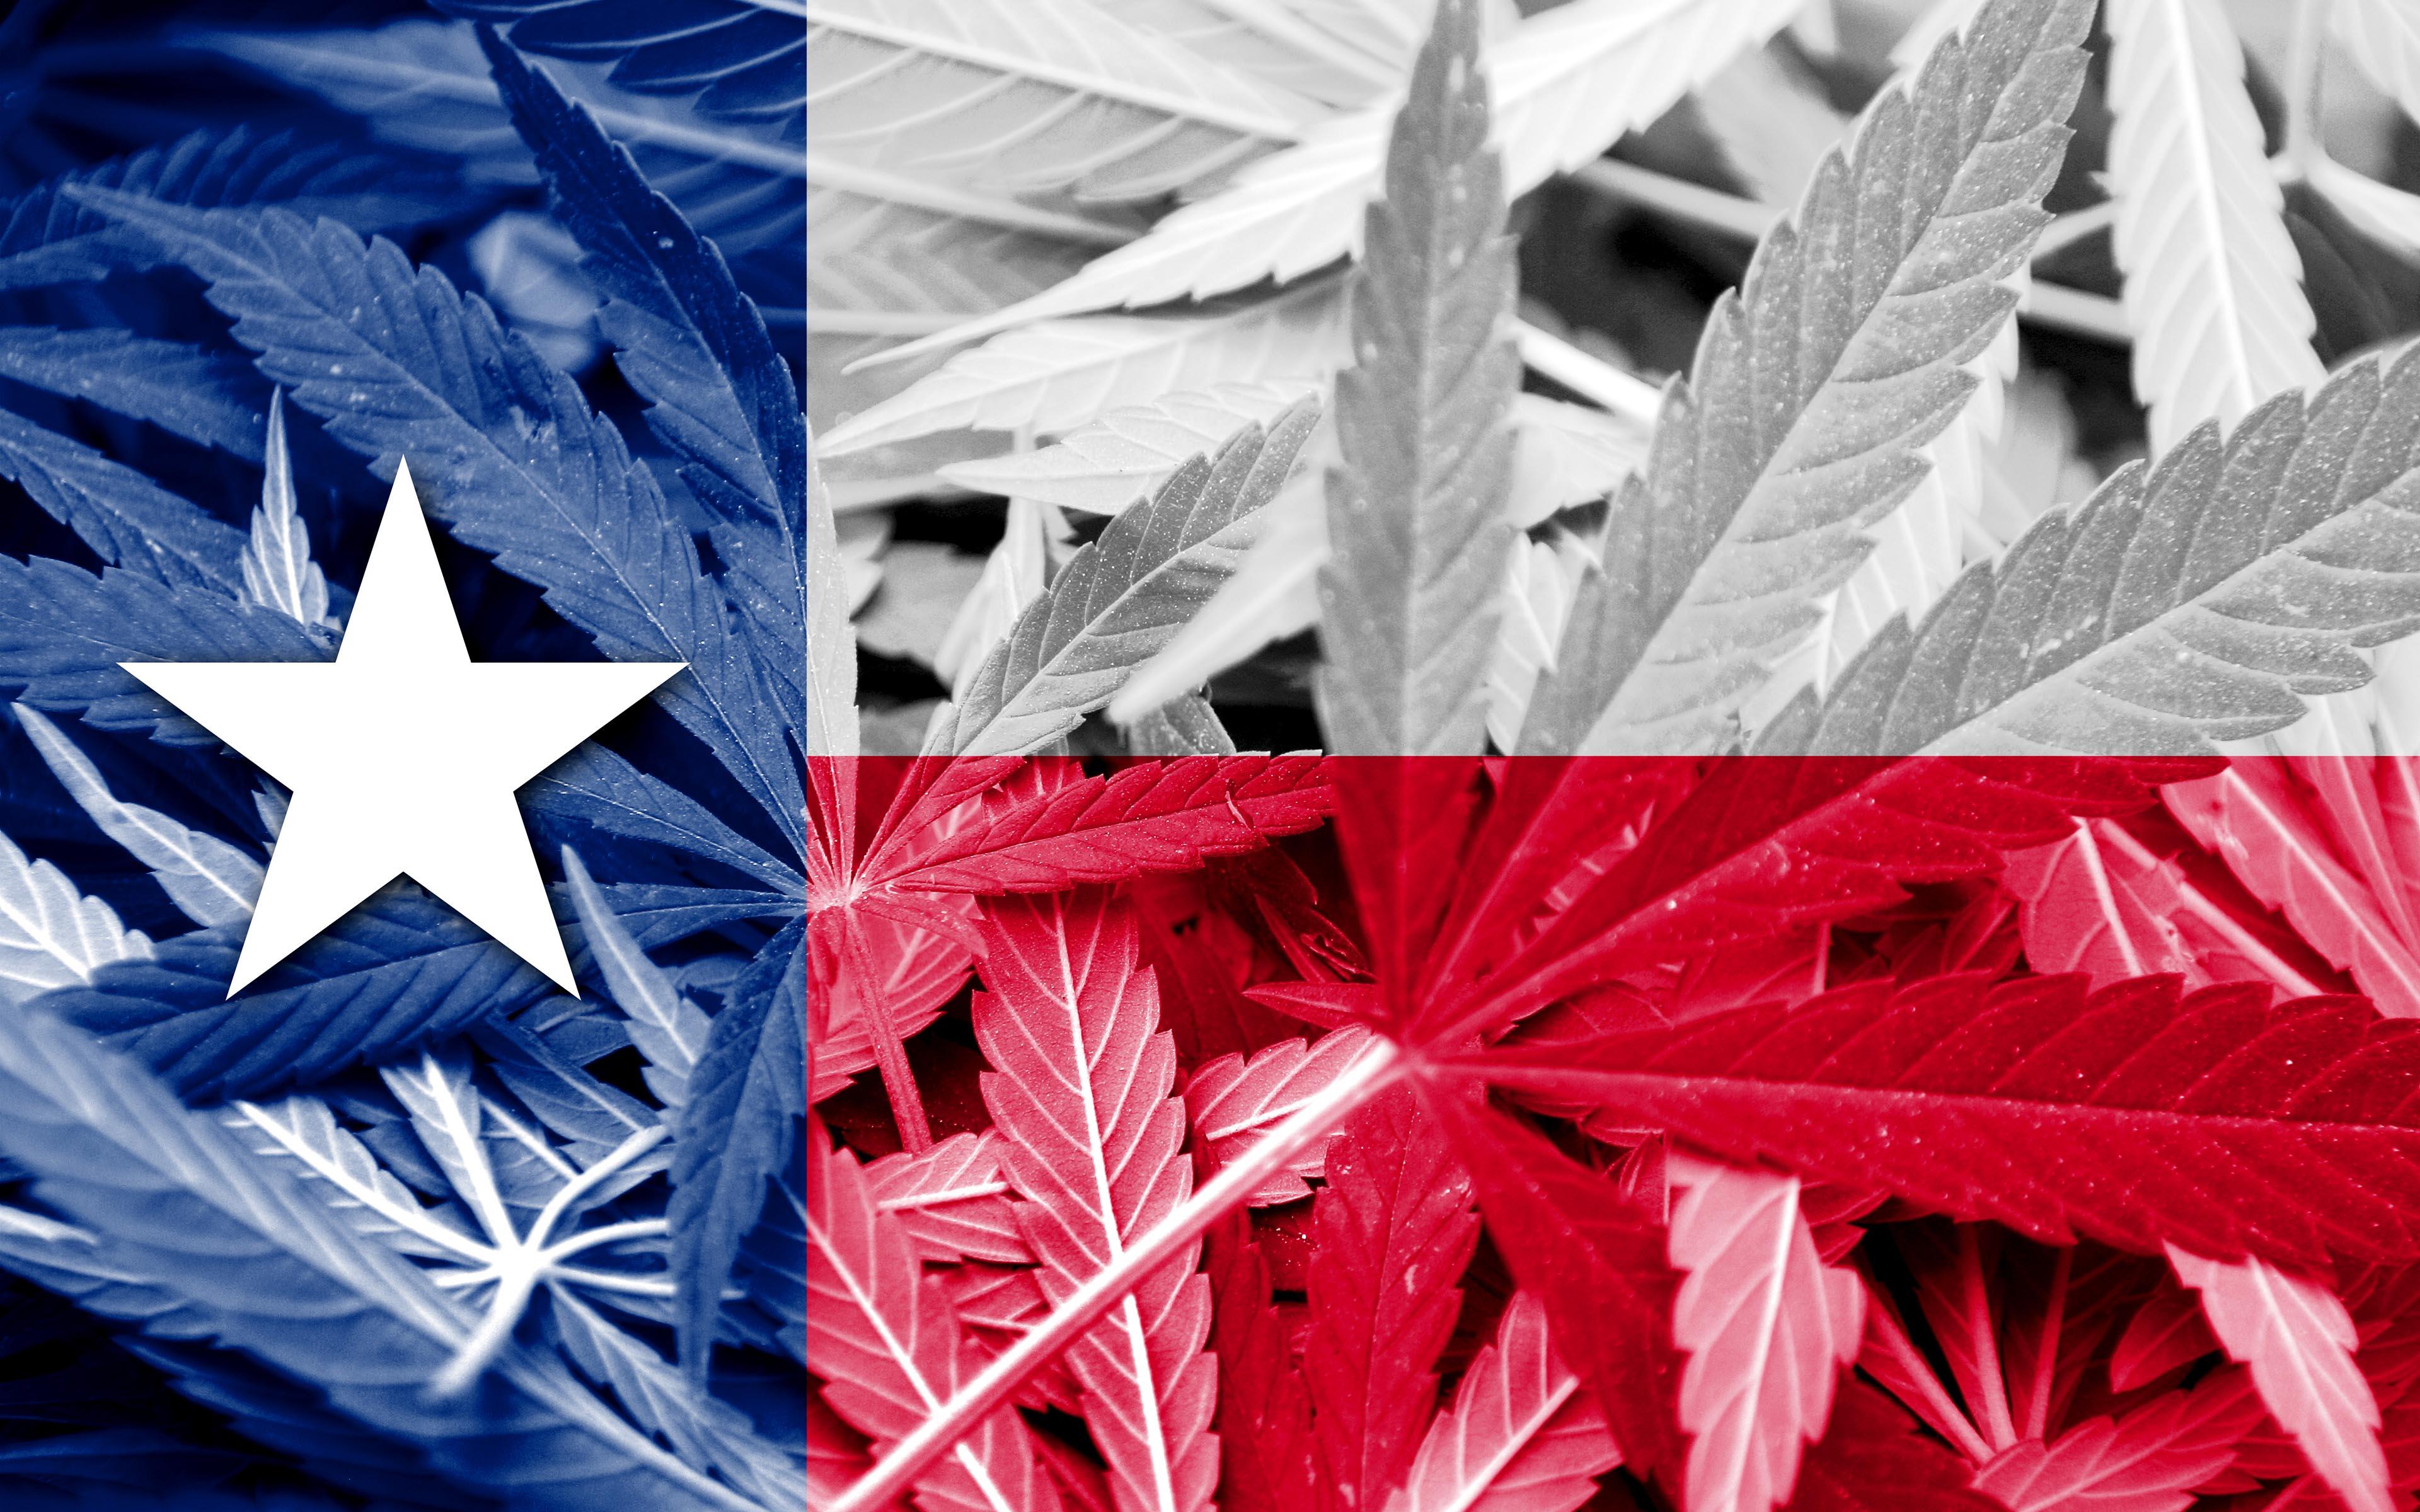 Texan Marijuana Supporters Demand Reform in 2017